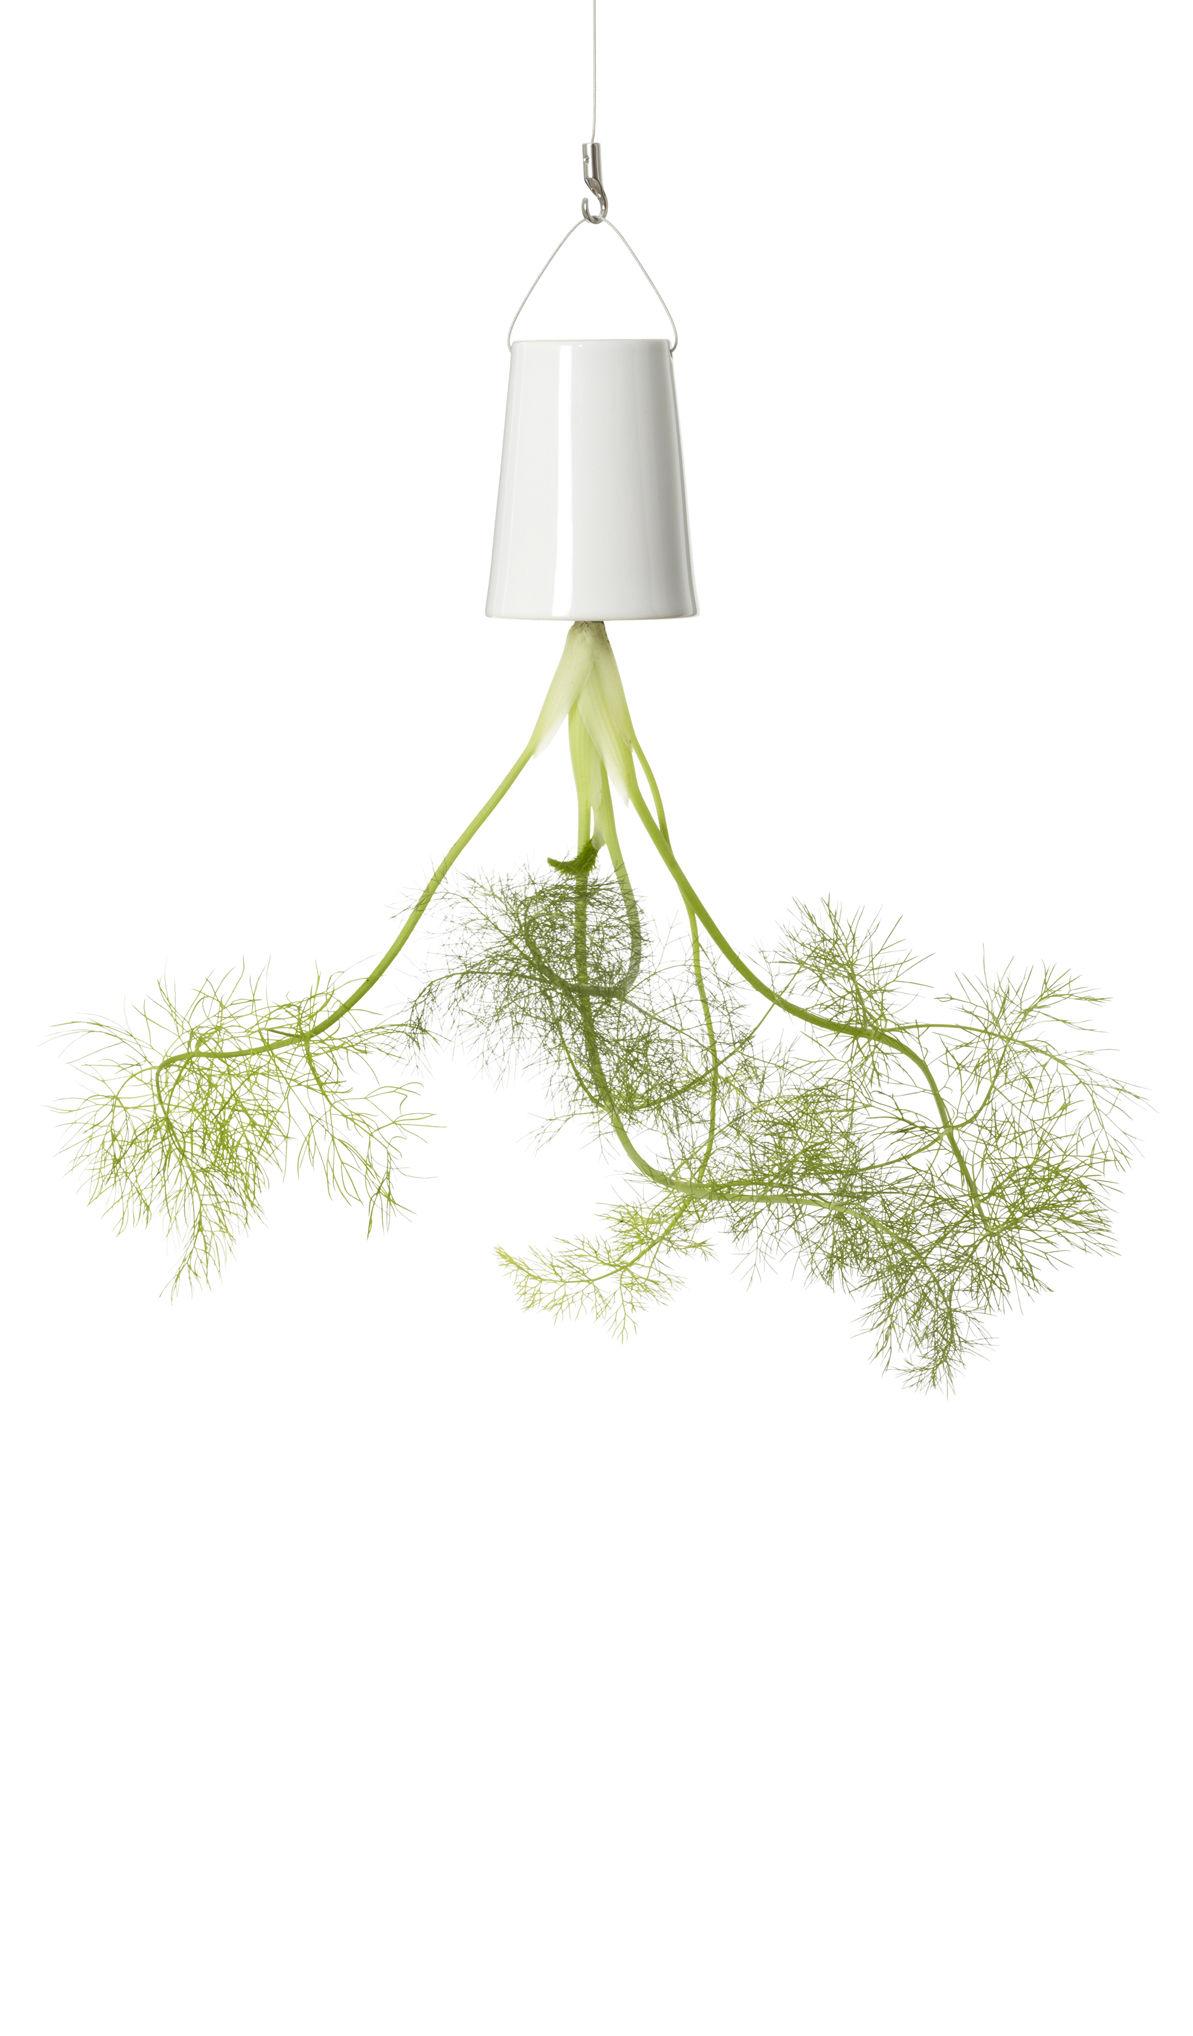 Dekoration - Töpfe und Pflanzen - Sky Small Hänge-Blumenkasten / Keramik - H 13 cm - Boskke - H 13 cm / weiß - Keramik